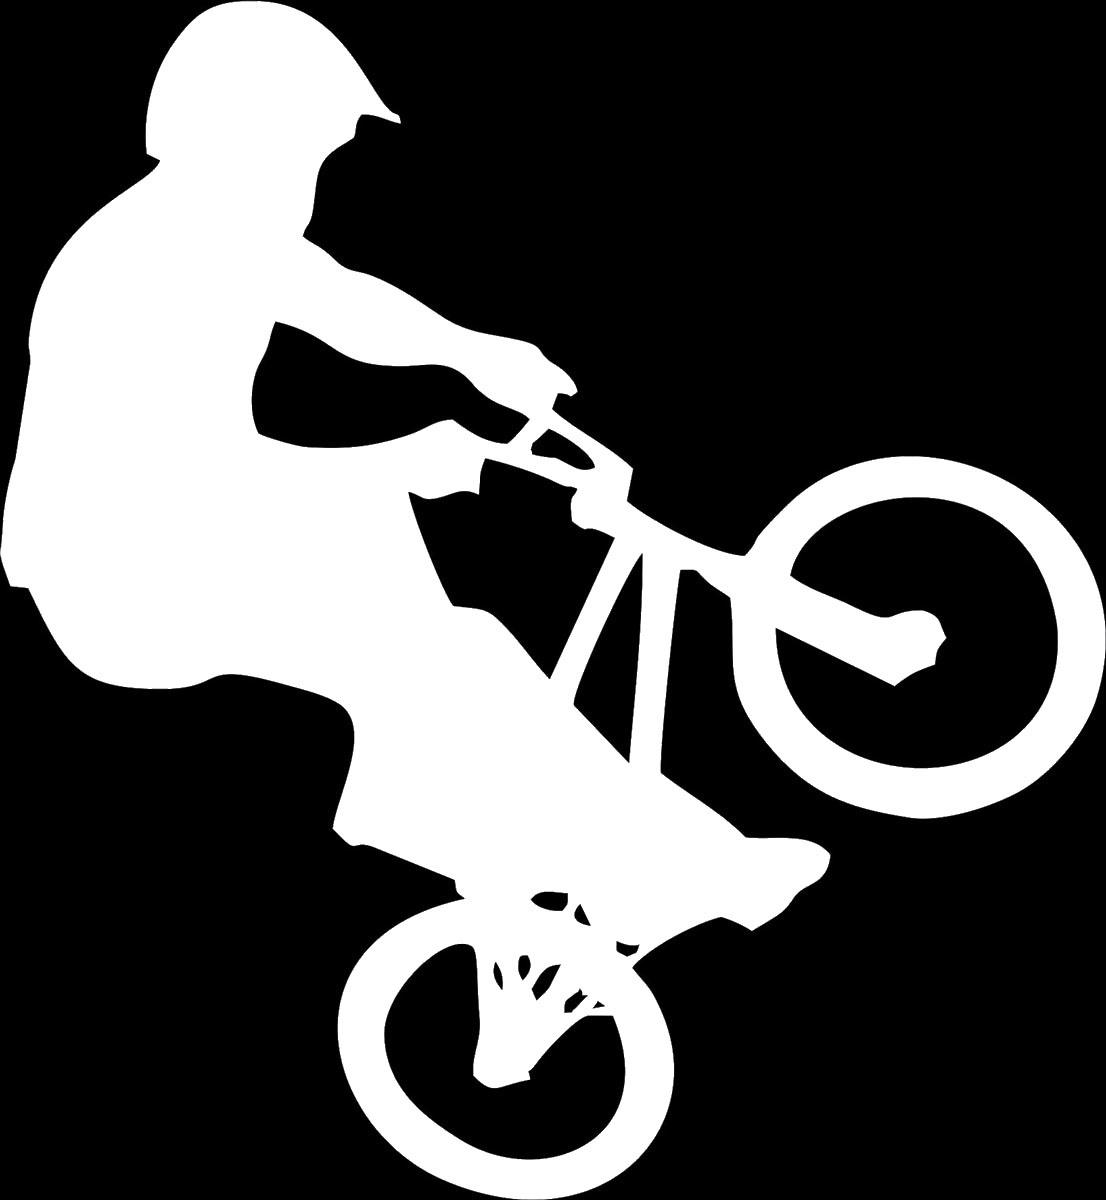 Фото - Наклейка ОранжевыйСлоник виниловая велик для авто или интерьера, Винил авто